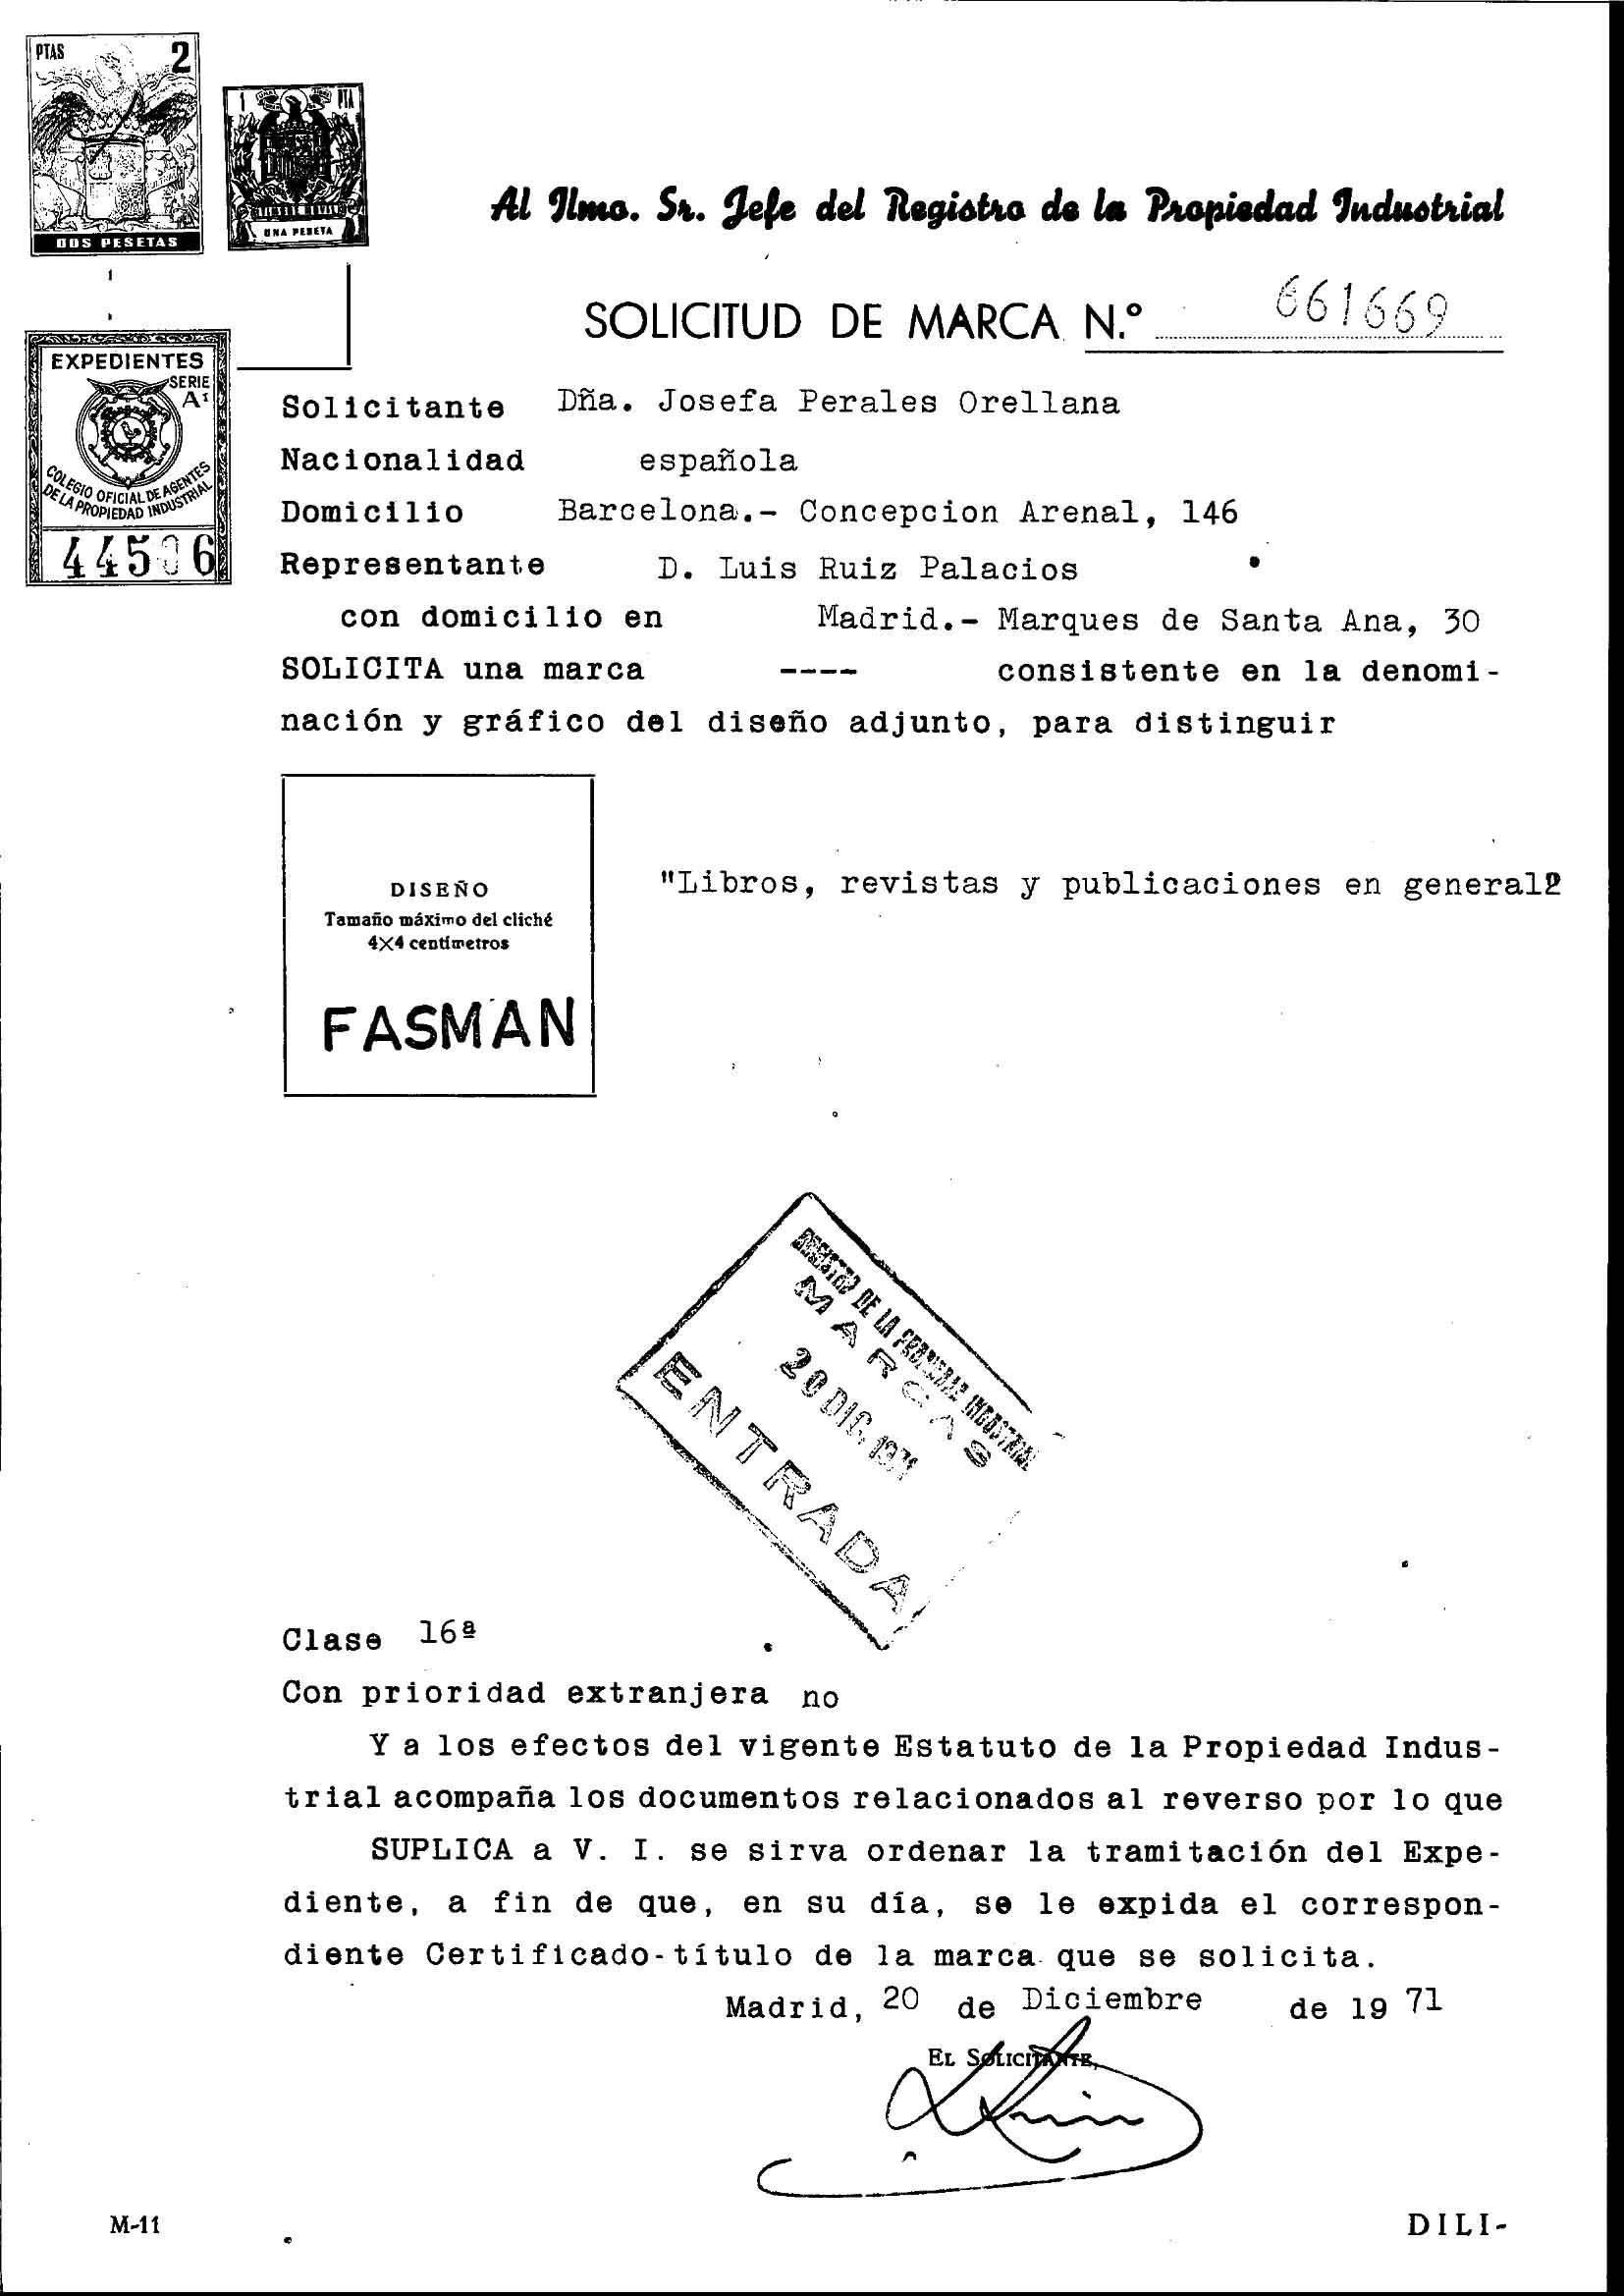 Solicitud distintivo FASMAN Ministerio de Industria, Energía y Turismo. Oficina Española de Patentes y Marcas. Archivo Histórico, Exp. Nº M0661669.